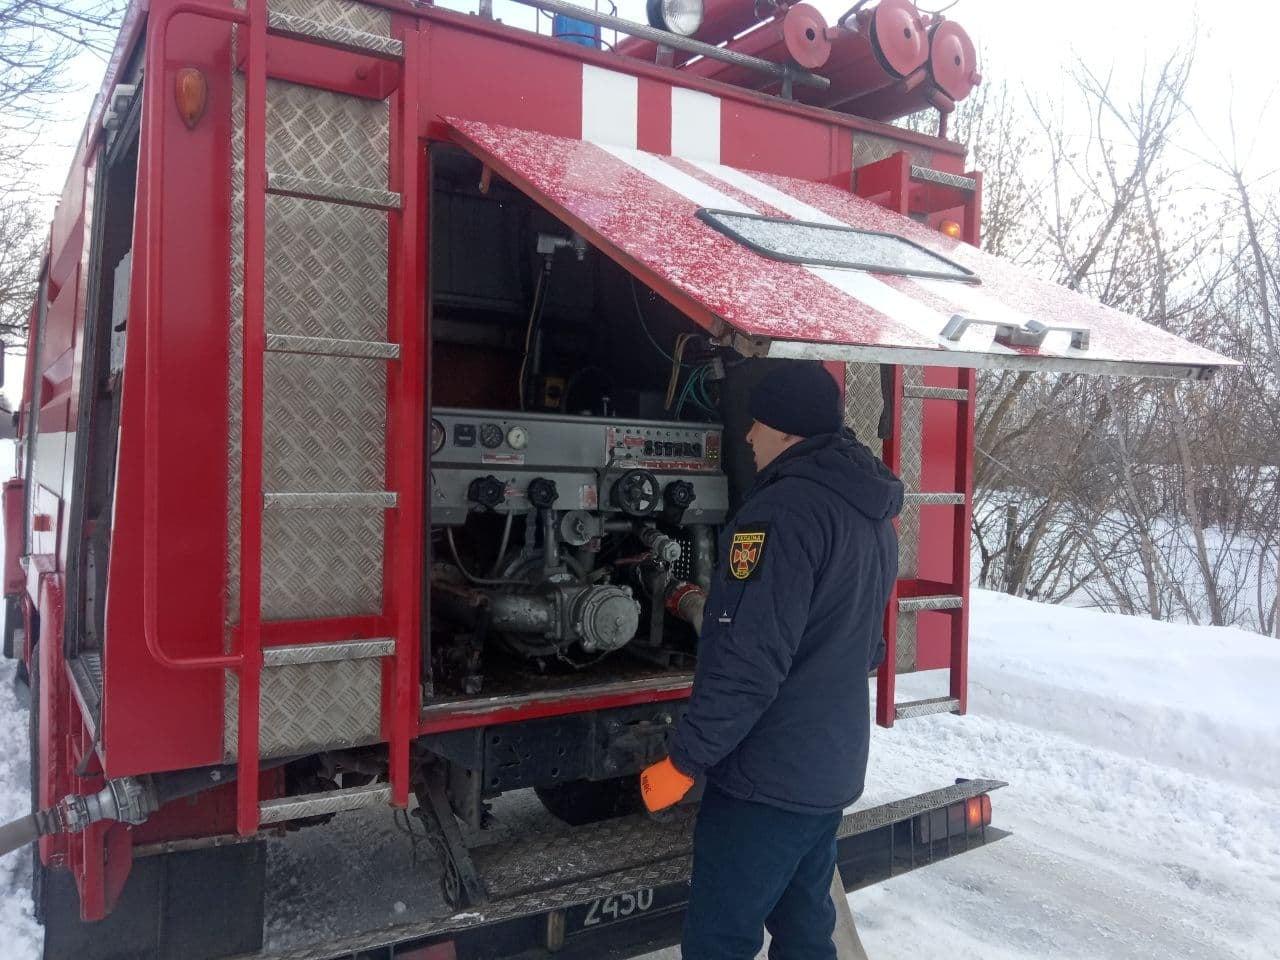 Пожежі на Вишгородщині: вогонь перекинувся на сусідні будинки - рятувальники, пожежа будинку, Вишгородський район - DSNS2